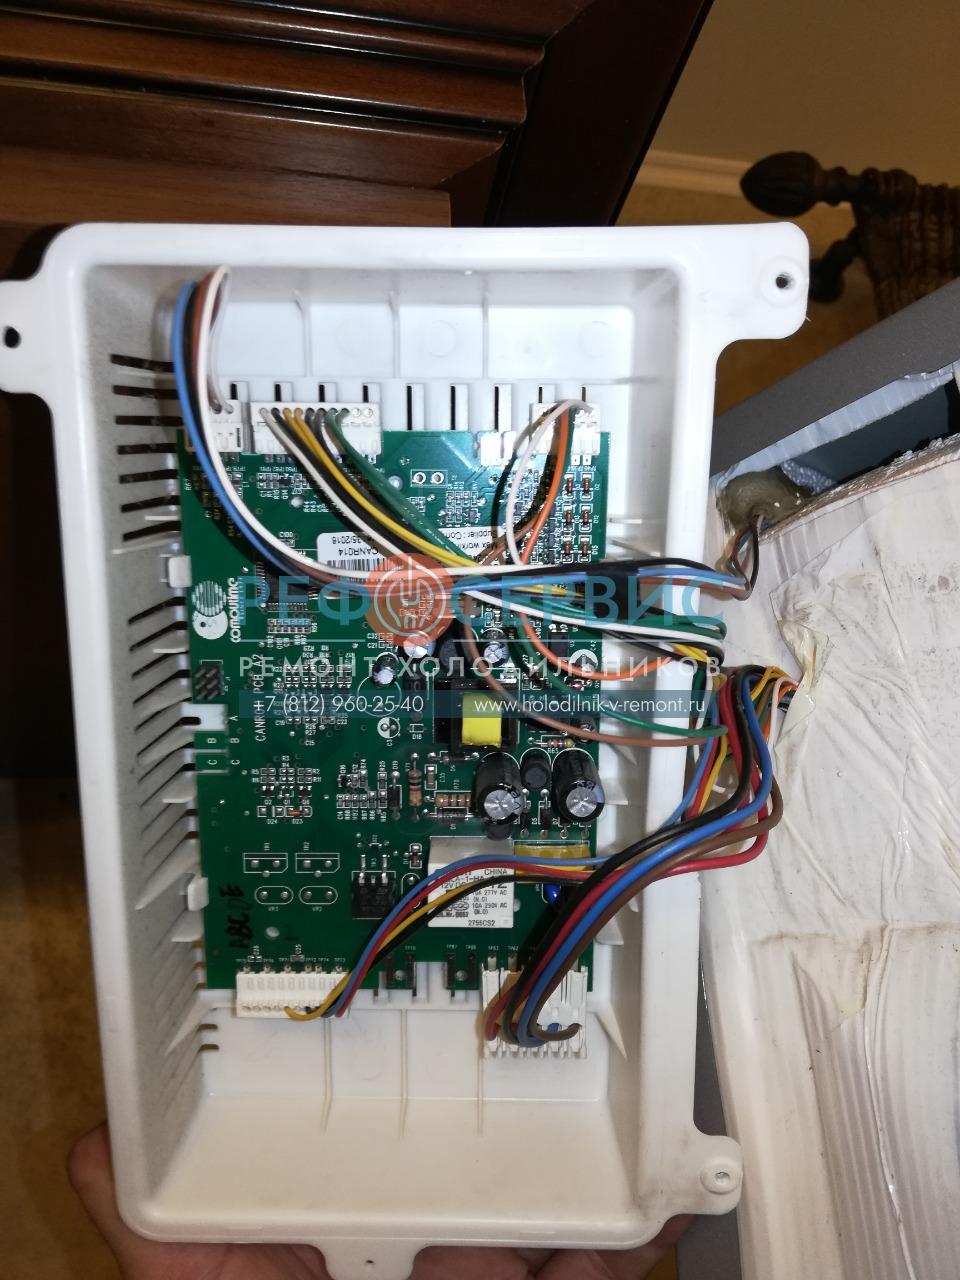 Ремонт электронного модуля и светодиодной платы в холодильнике CANDY CKBN 6202 DII